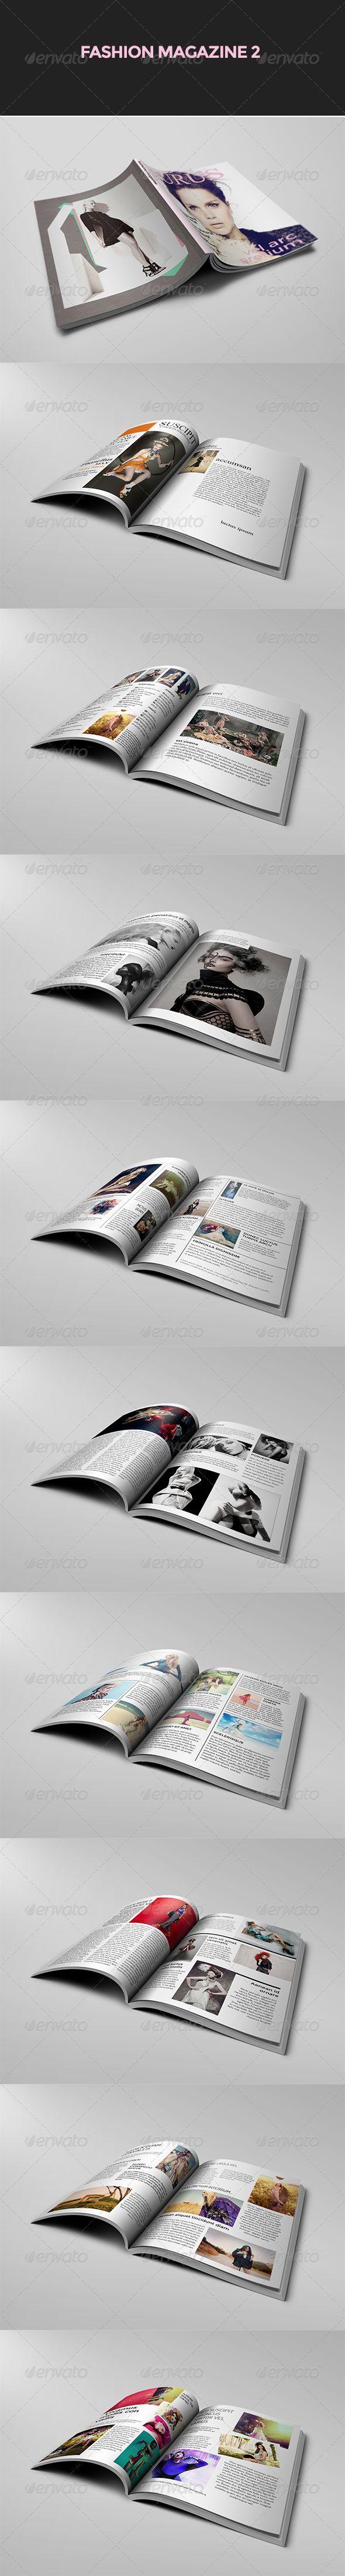 Berühmt Jahrbuchformatvorlage Zeitgenössisch - Entry Level Resume ...